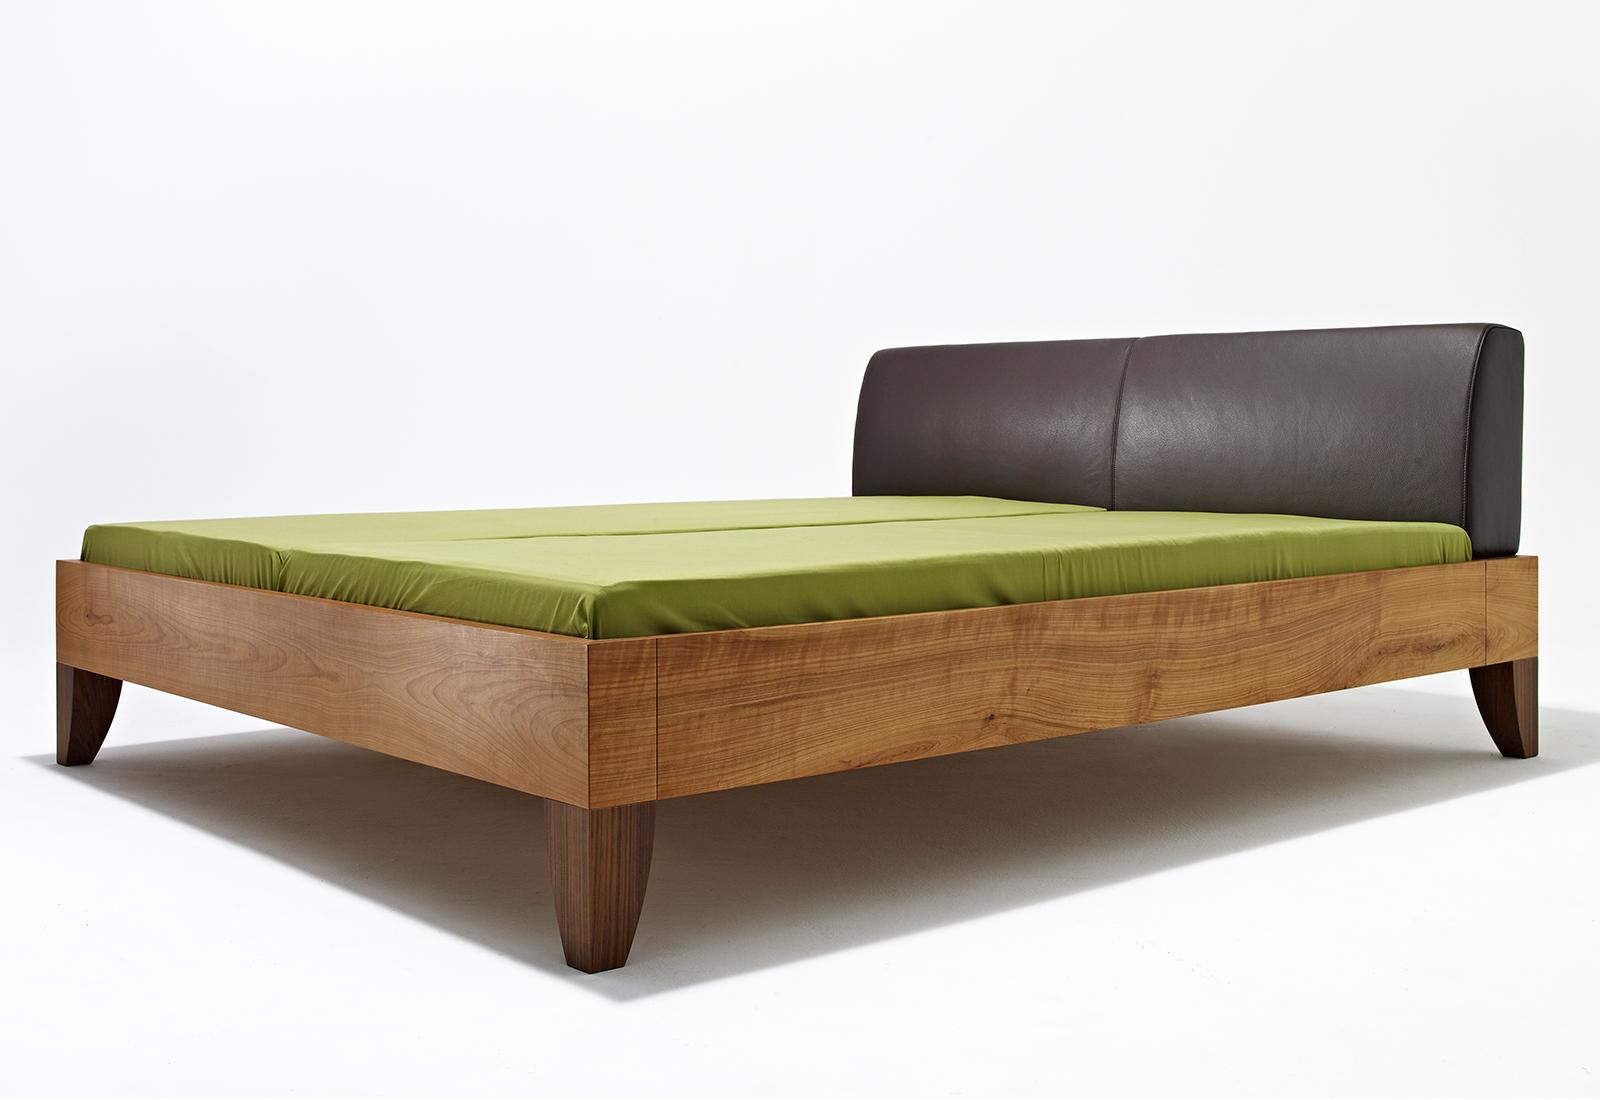 mamma bett vollholzbett mit gepolsterte leder kopfhaupt. Black Bedroom Furniture Sets. Home Design Ideas